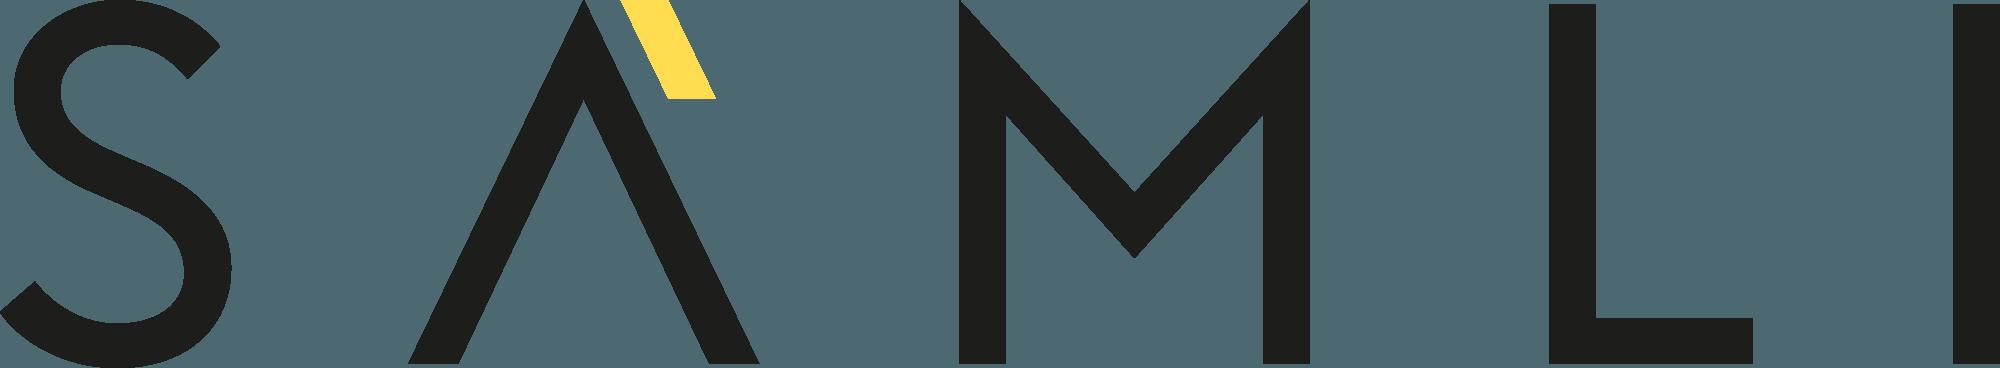 samli-logo-dark